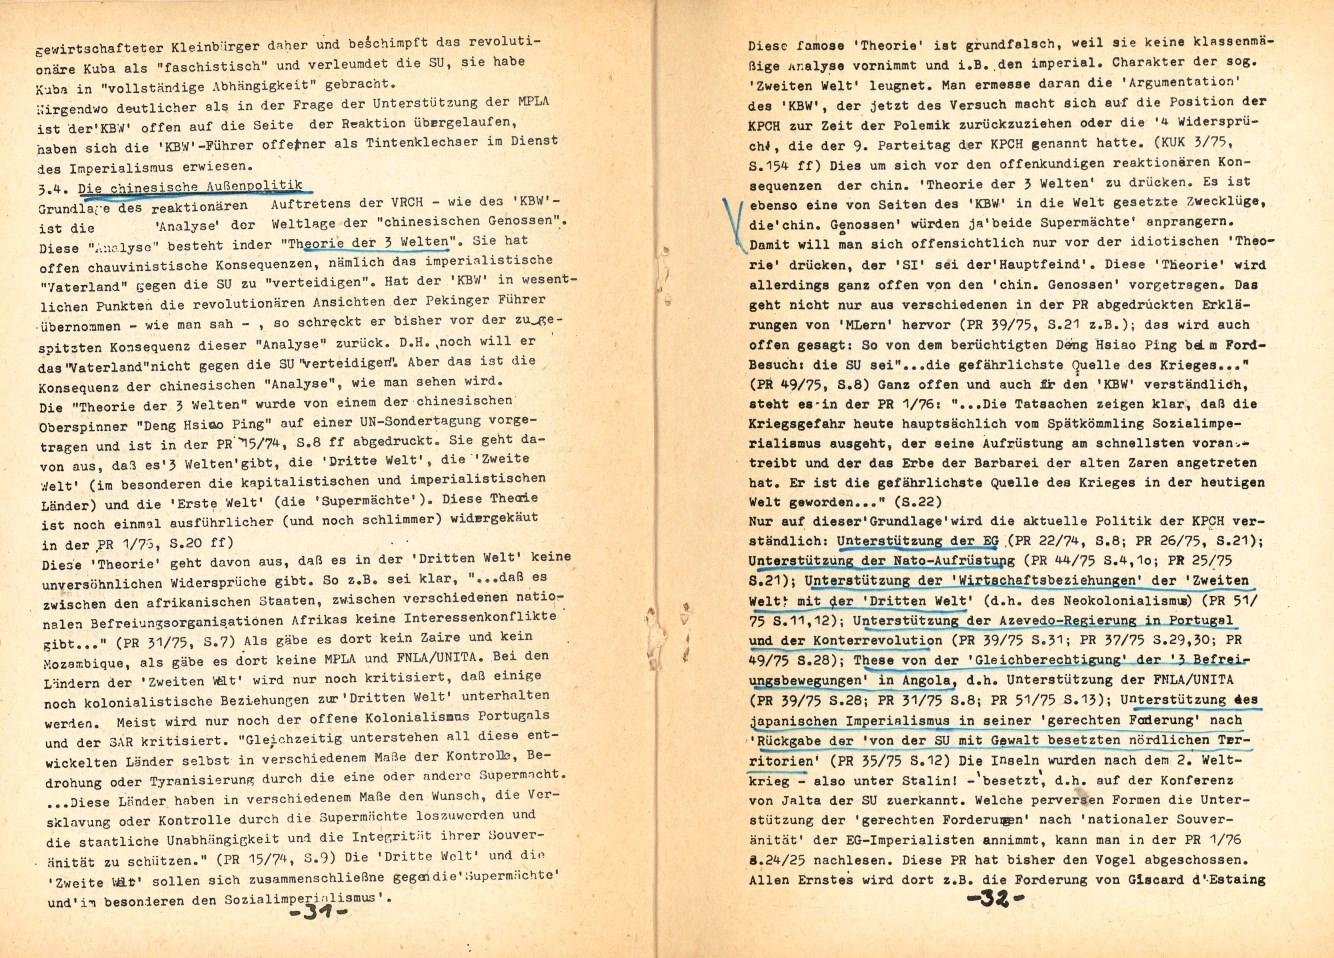 Giessen_MSB_1976_Der_KBW_eine_rechte_Organisation_18